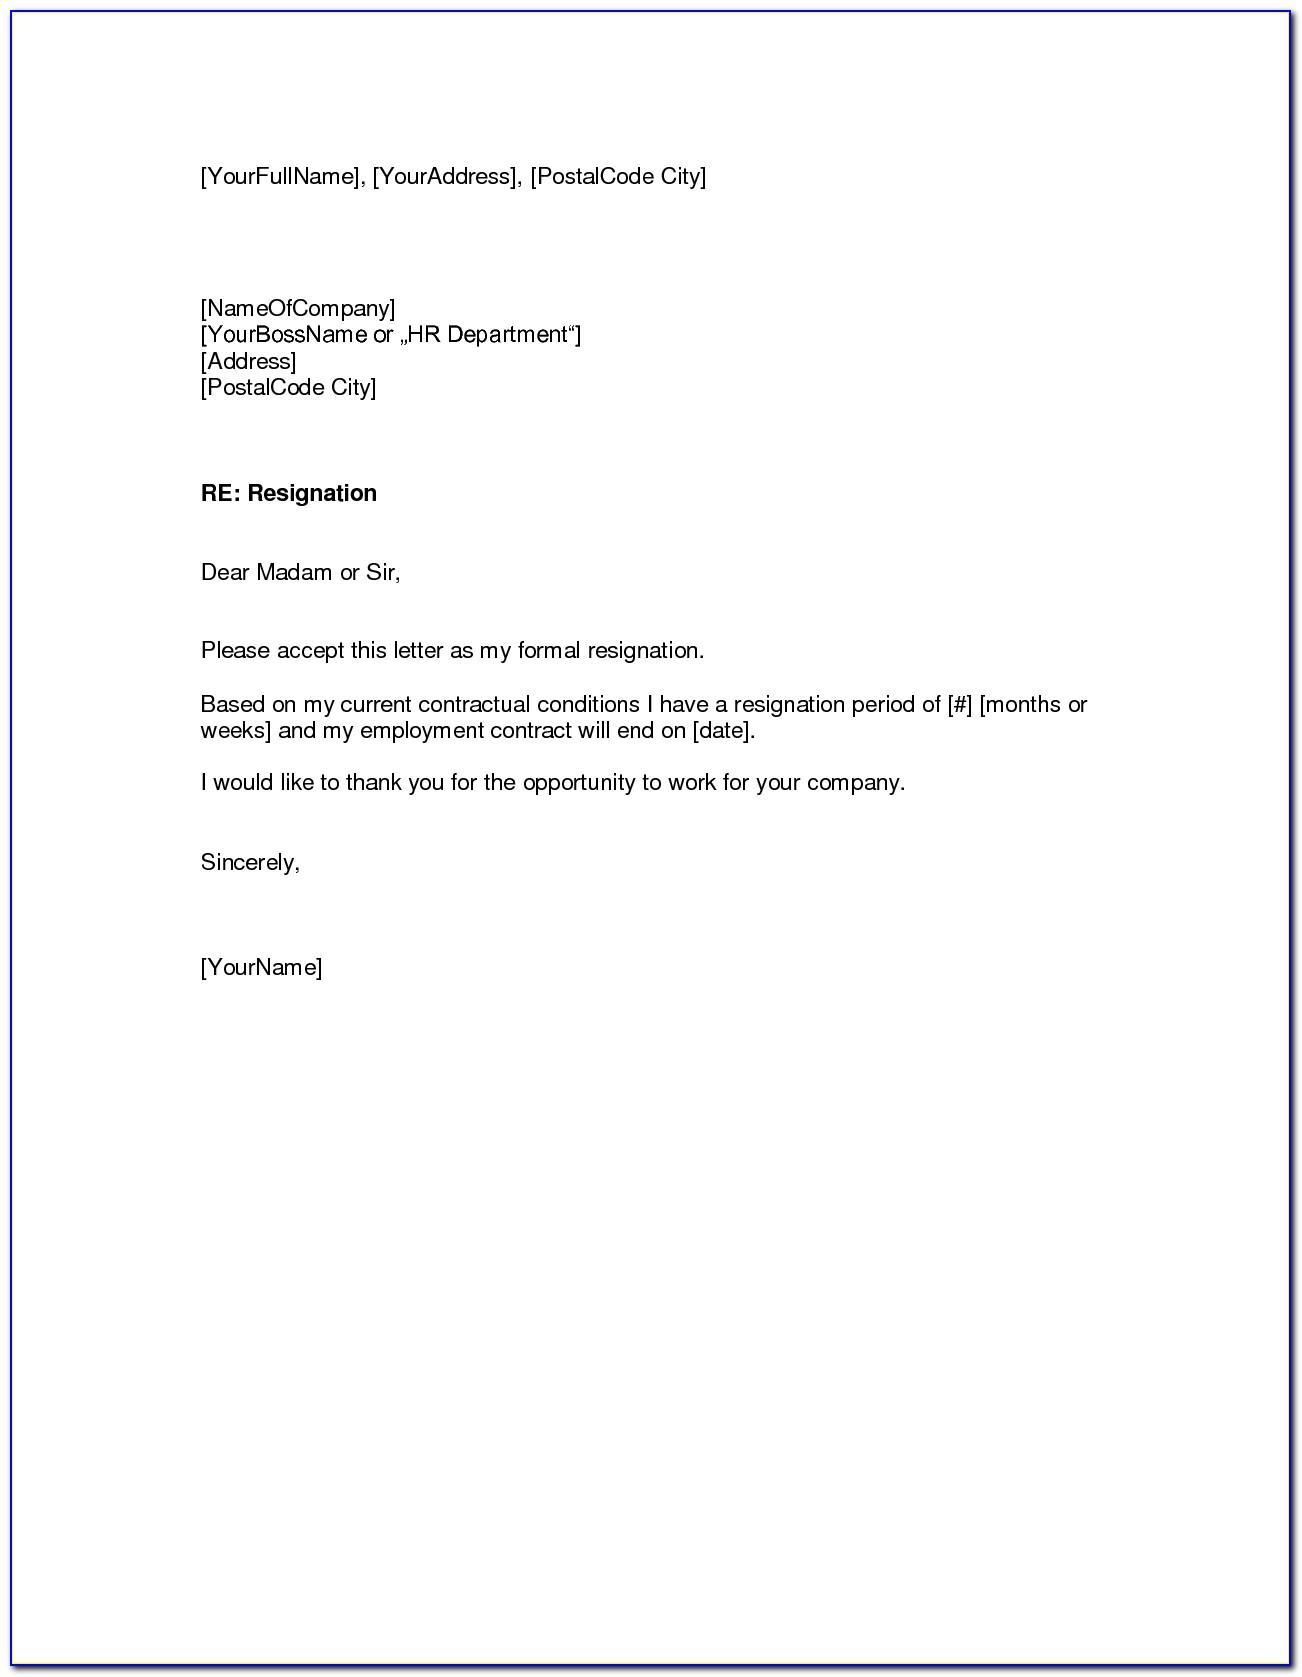 Sample Of House Rental Agreement Letter